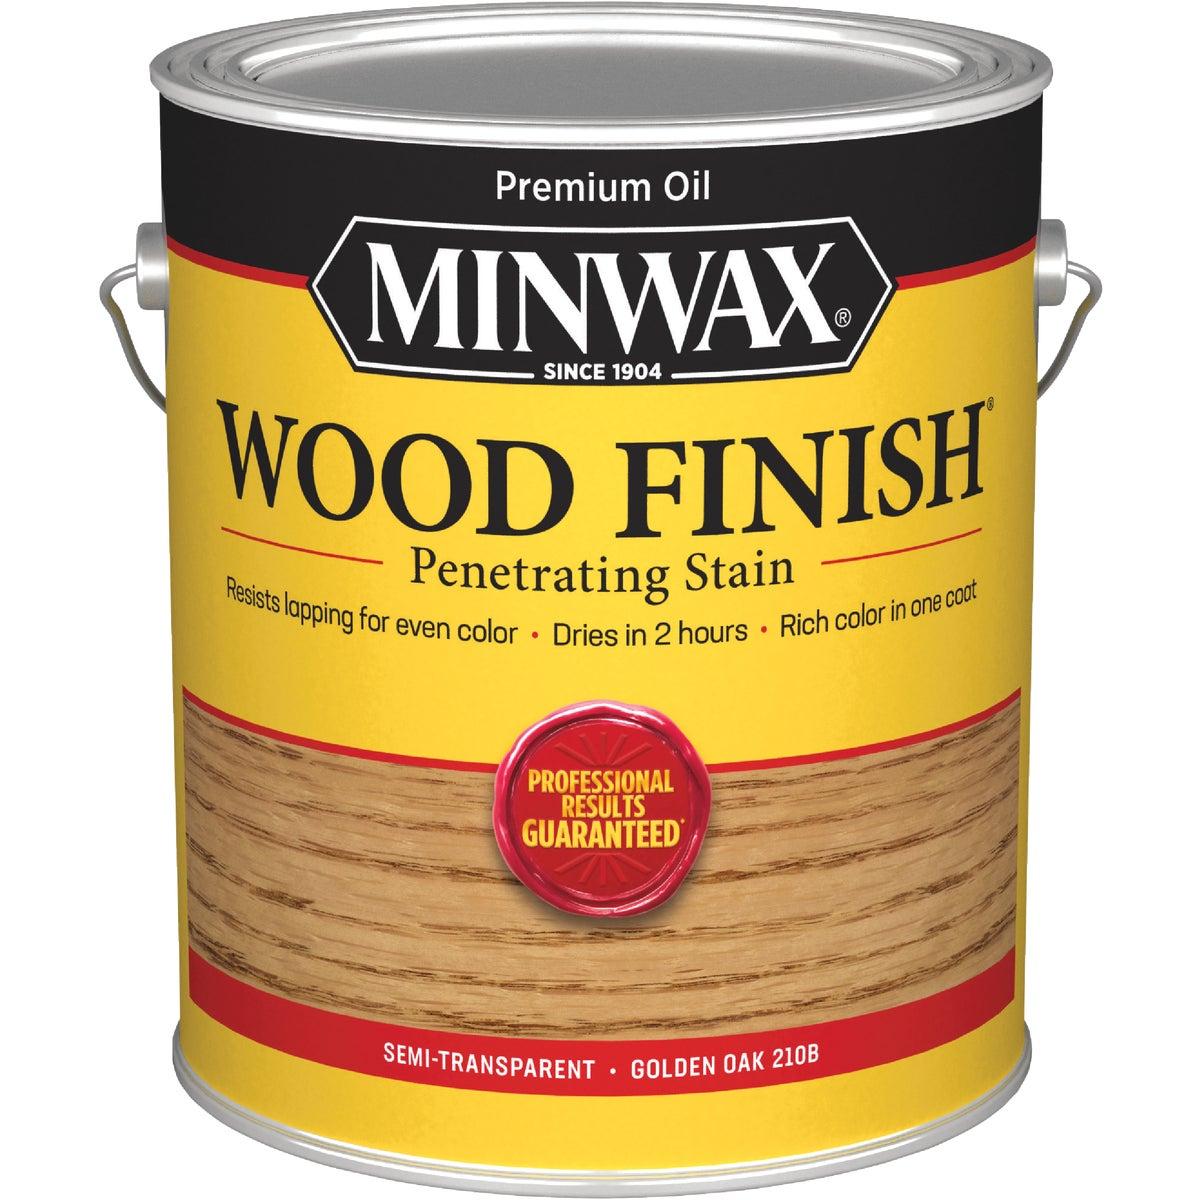 GOLDEN OAK WOOD STAIN - 71001 by Minwax Company